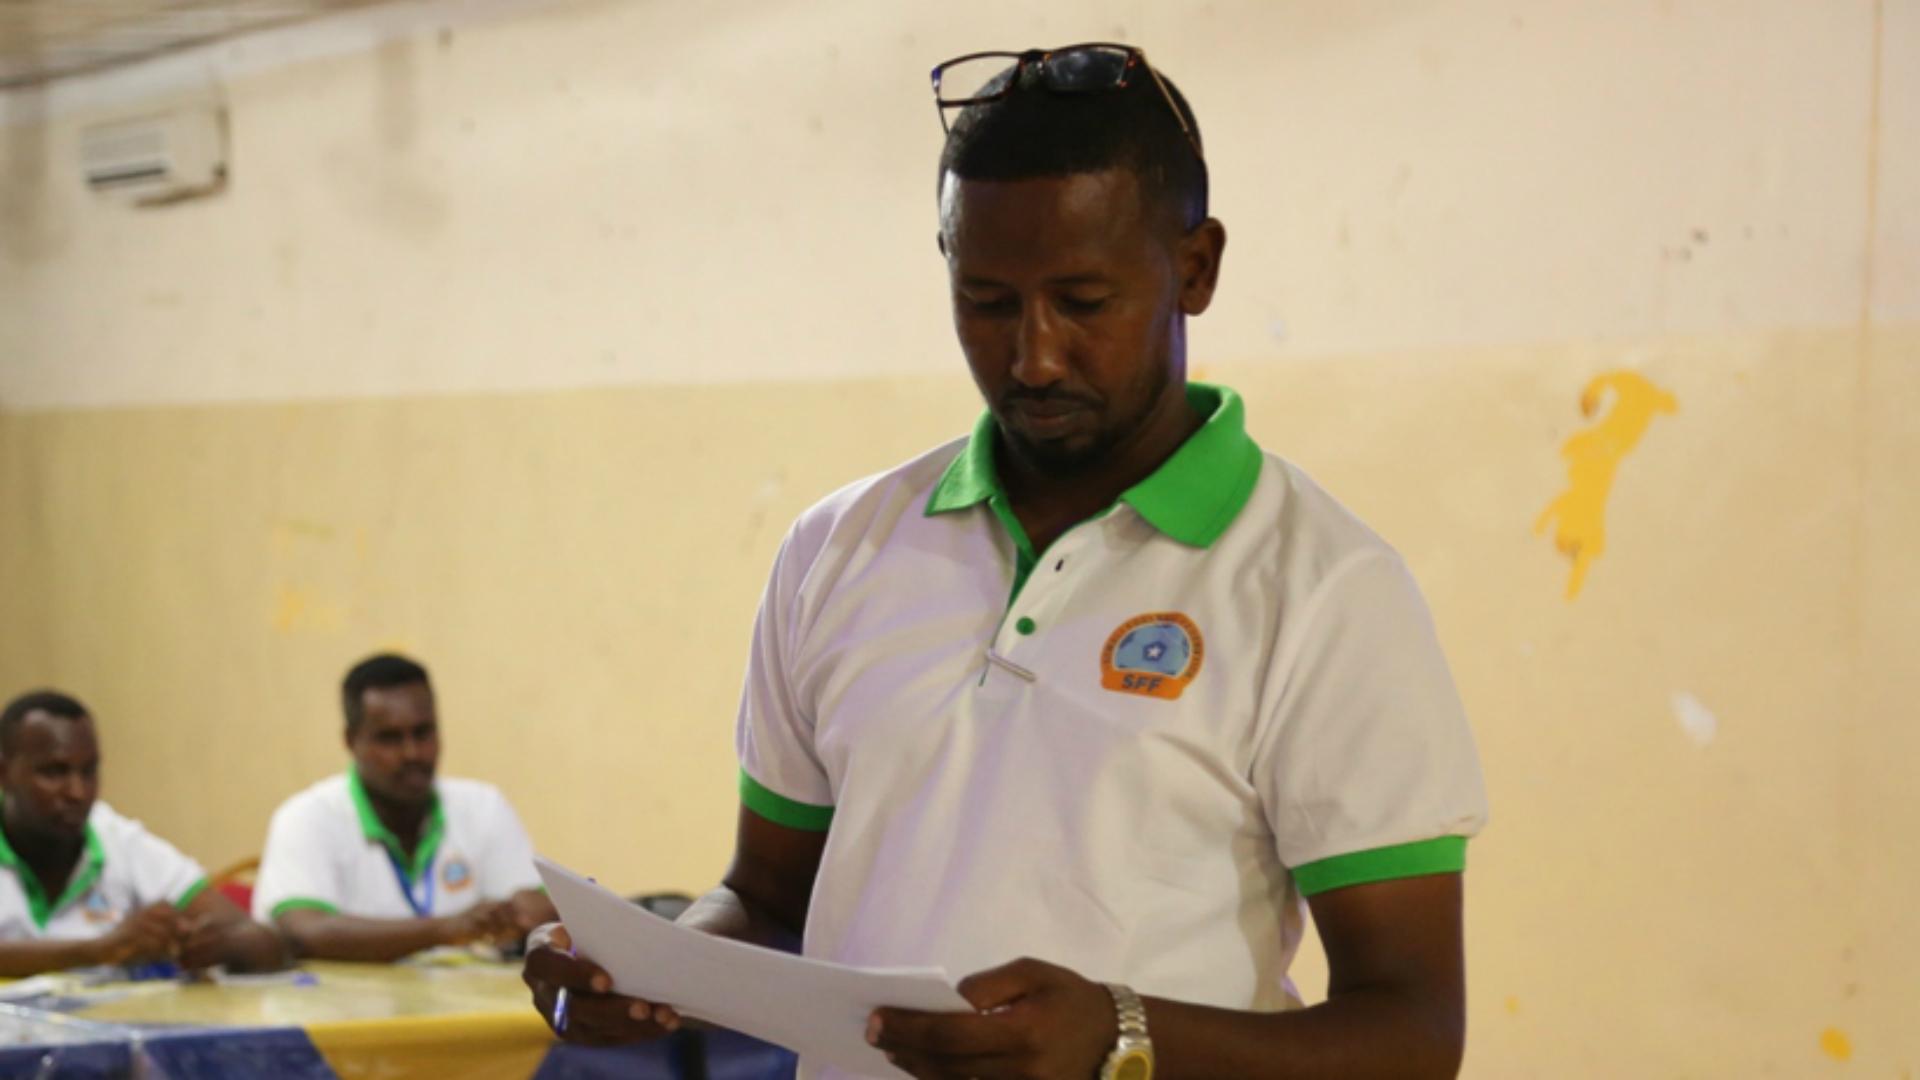 NNN: Al menos 19 personas, entre ellas presuntos militantes islamistas, murieron en un intento de fuga de la prisión en la capital somalí de Mogadiscio, dijeron las autoridades el martes. Quince presos y cuatro guardias murieron en el incidente del lunes en la prisión central, según Abdiqani Mohamed Qalaf, portavoz de la prisión en la […]